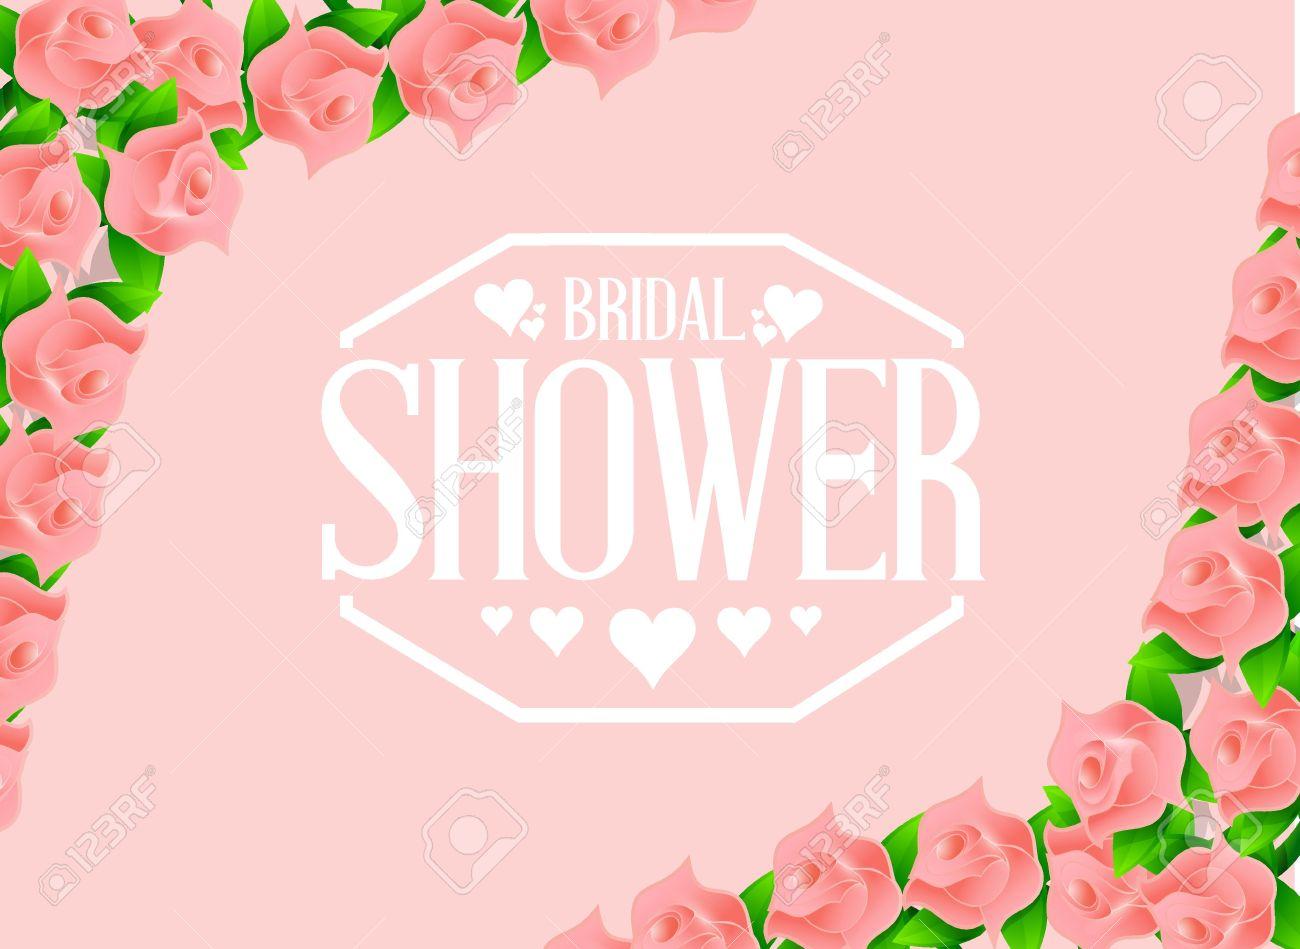 bridal shower pink roses sign illustration design graphic background.